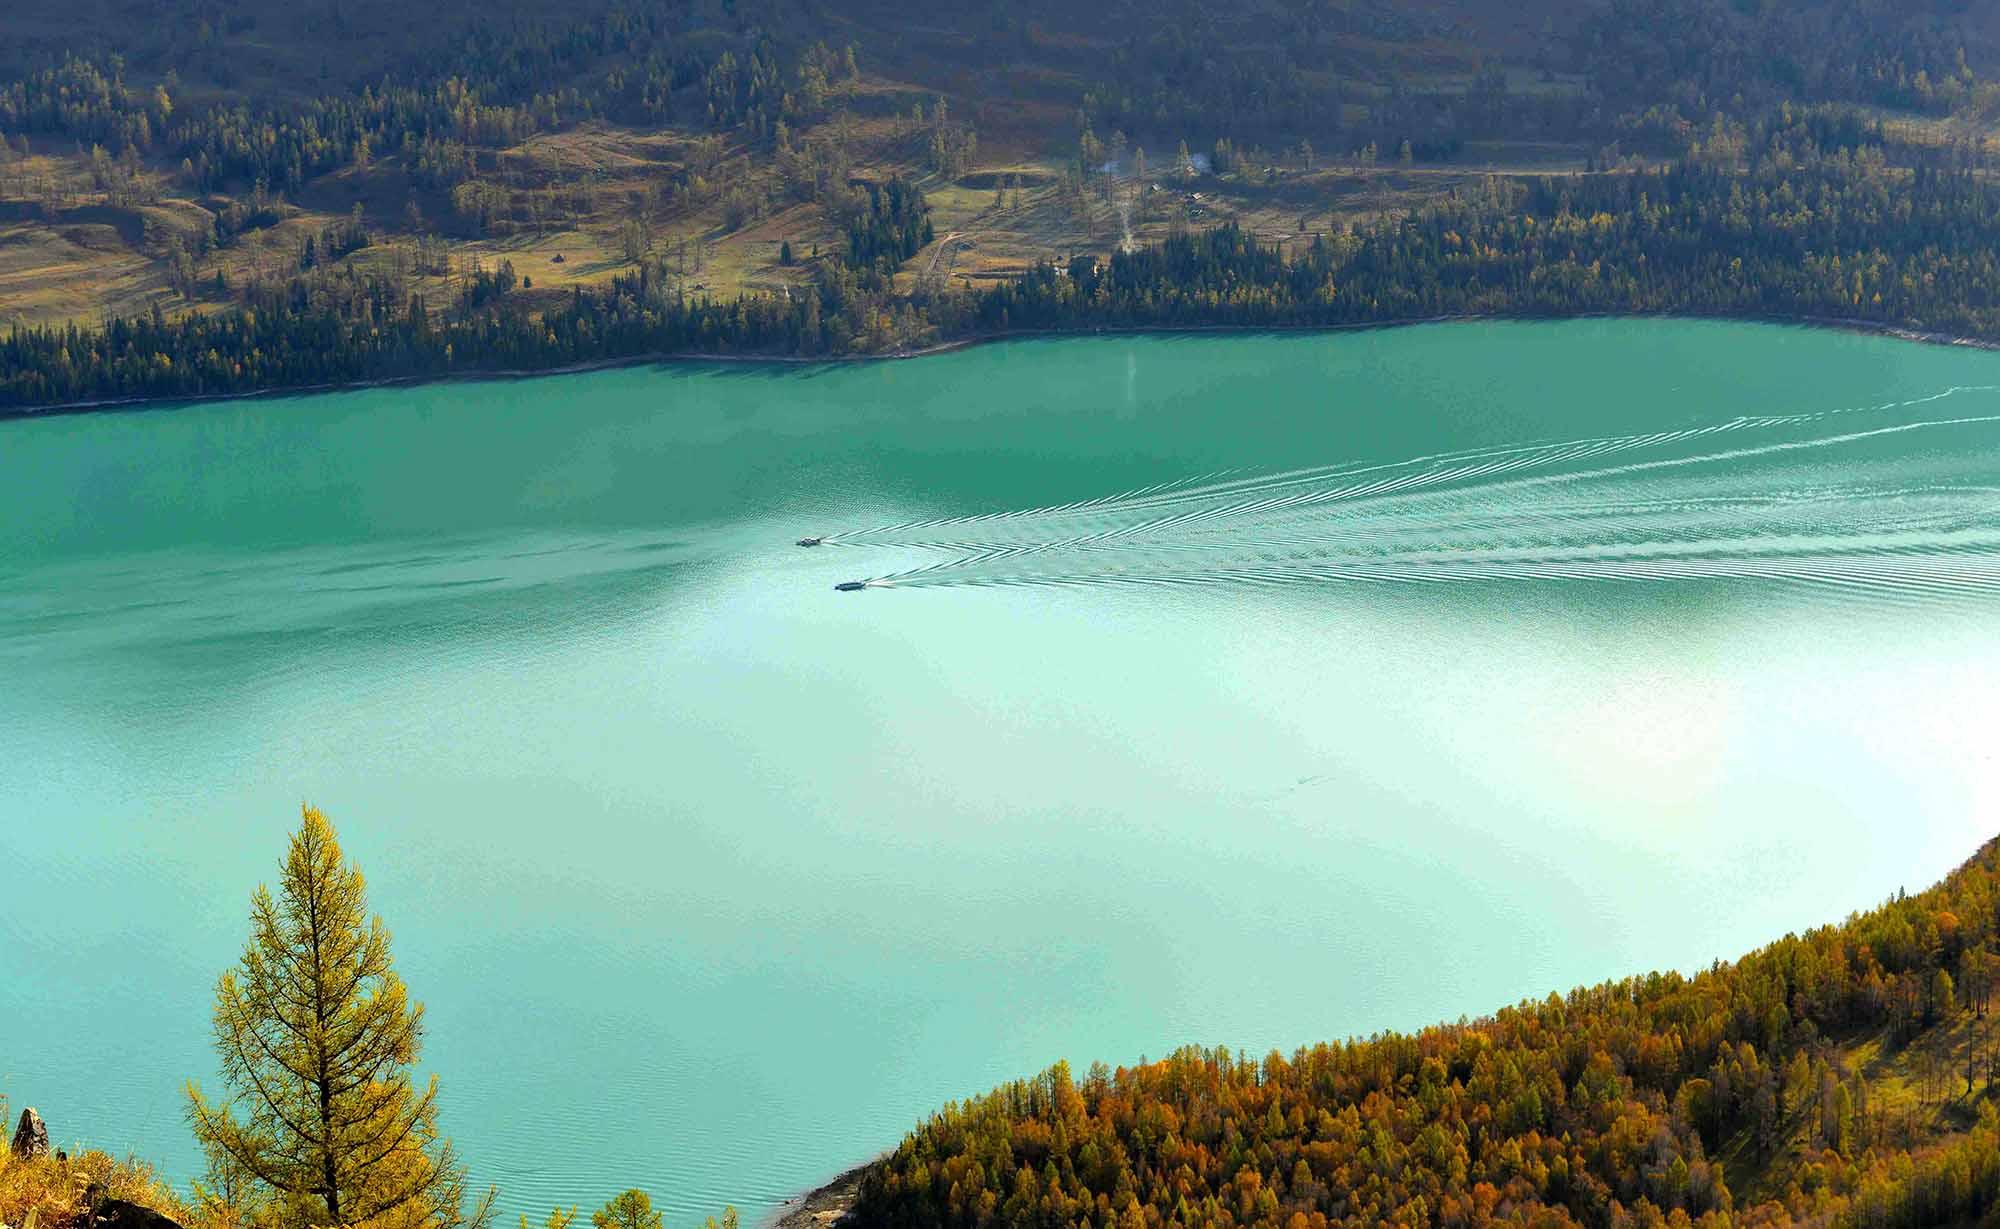 青岛去新疆旅游 青岛去新疆吐鲁番,天山天池,东方瑞士